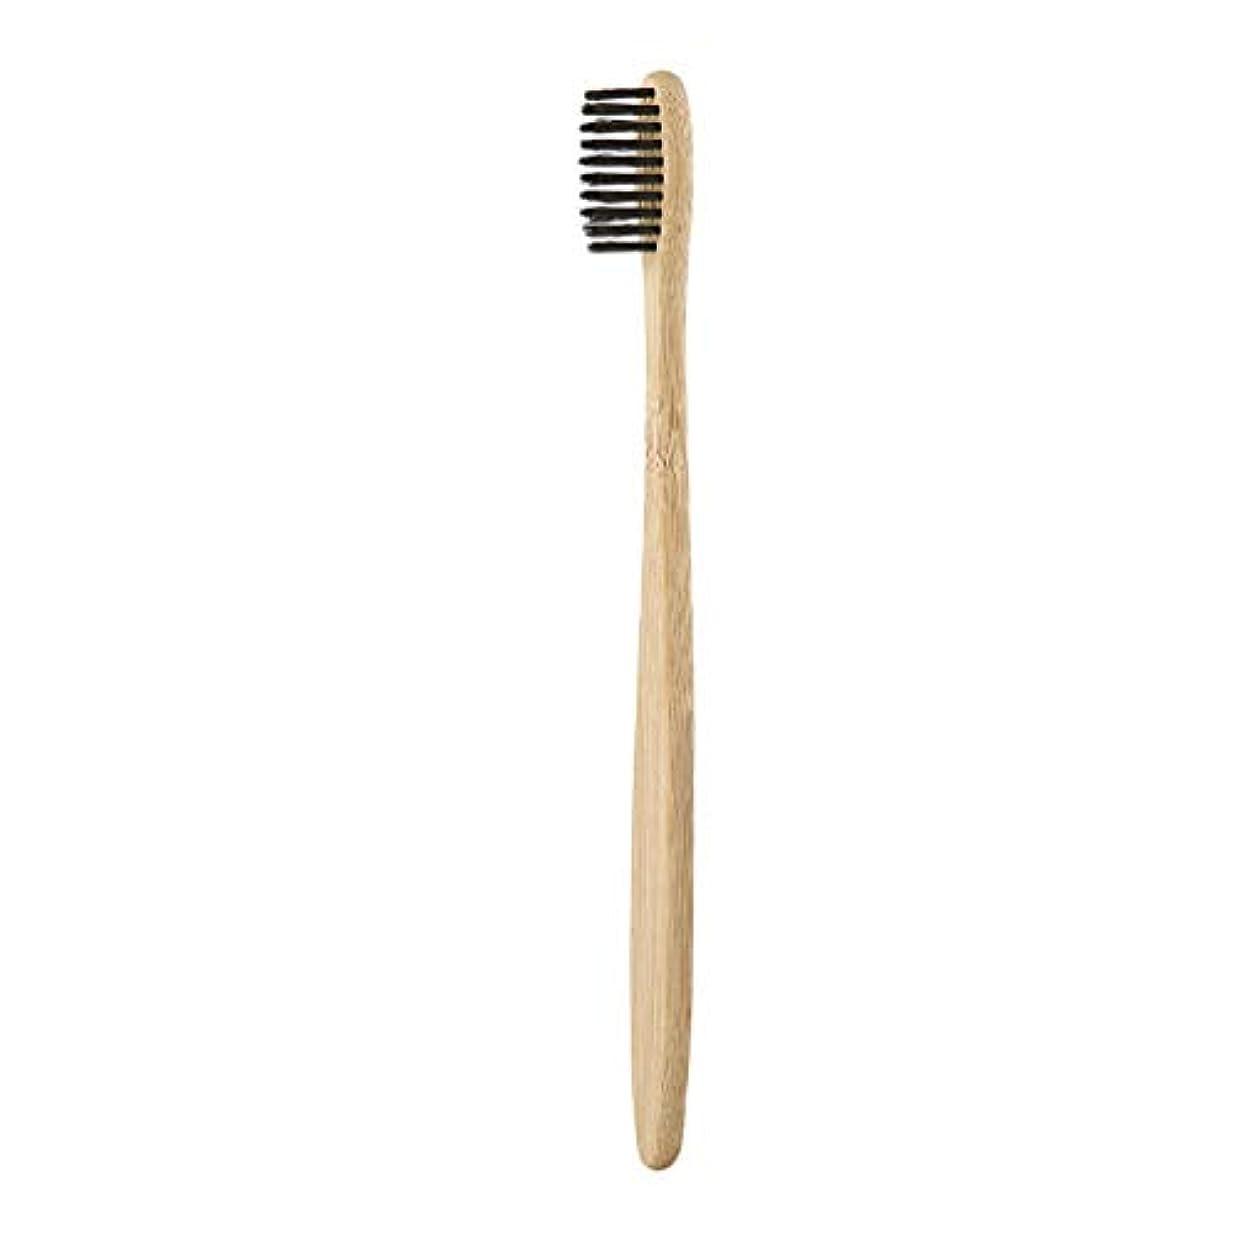 明快どうやって実行する手作りの快適な環境に優しい環境歯ブラシ竹ハンドル歯ブラシ炭毛健康オーラルケア-ウッドカラー